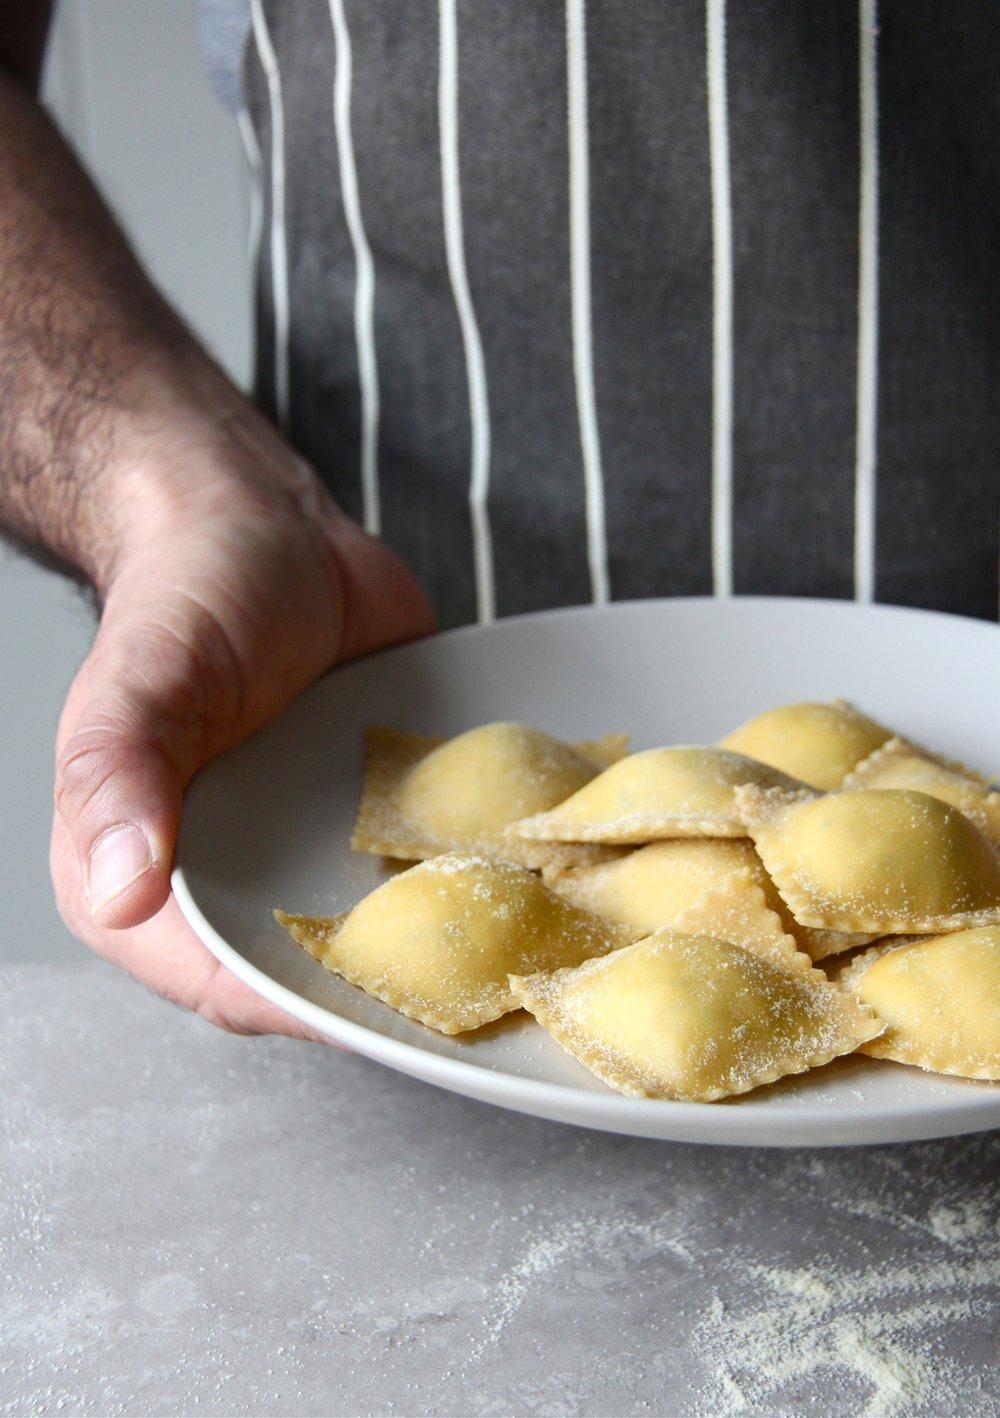 Erkan-pasta-1.jpg